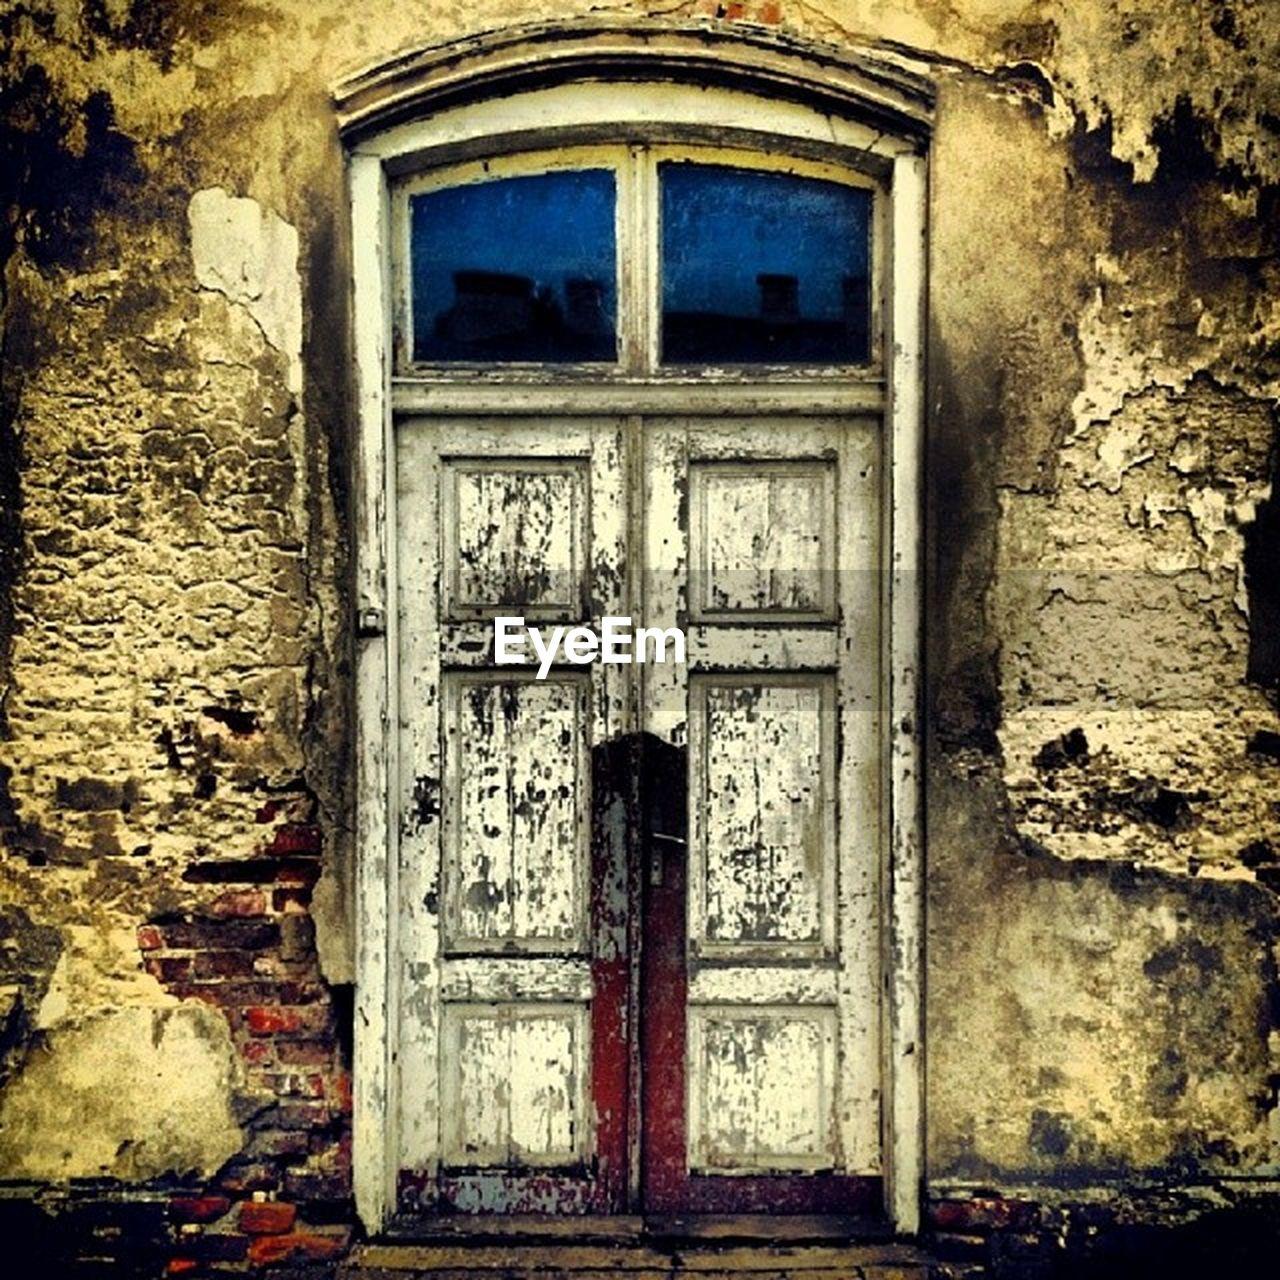 door, built structure, architecture, building exterior, closed, day, no people, outdoors, window, weathered, doorway, open door, close-up